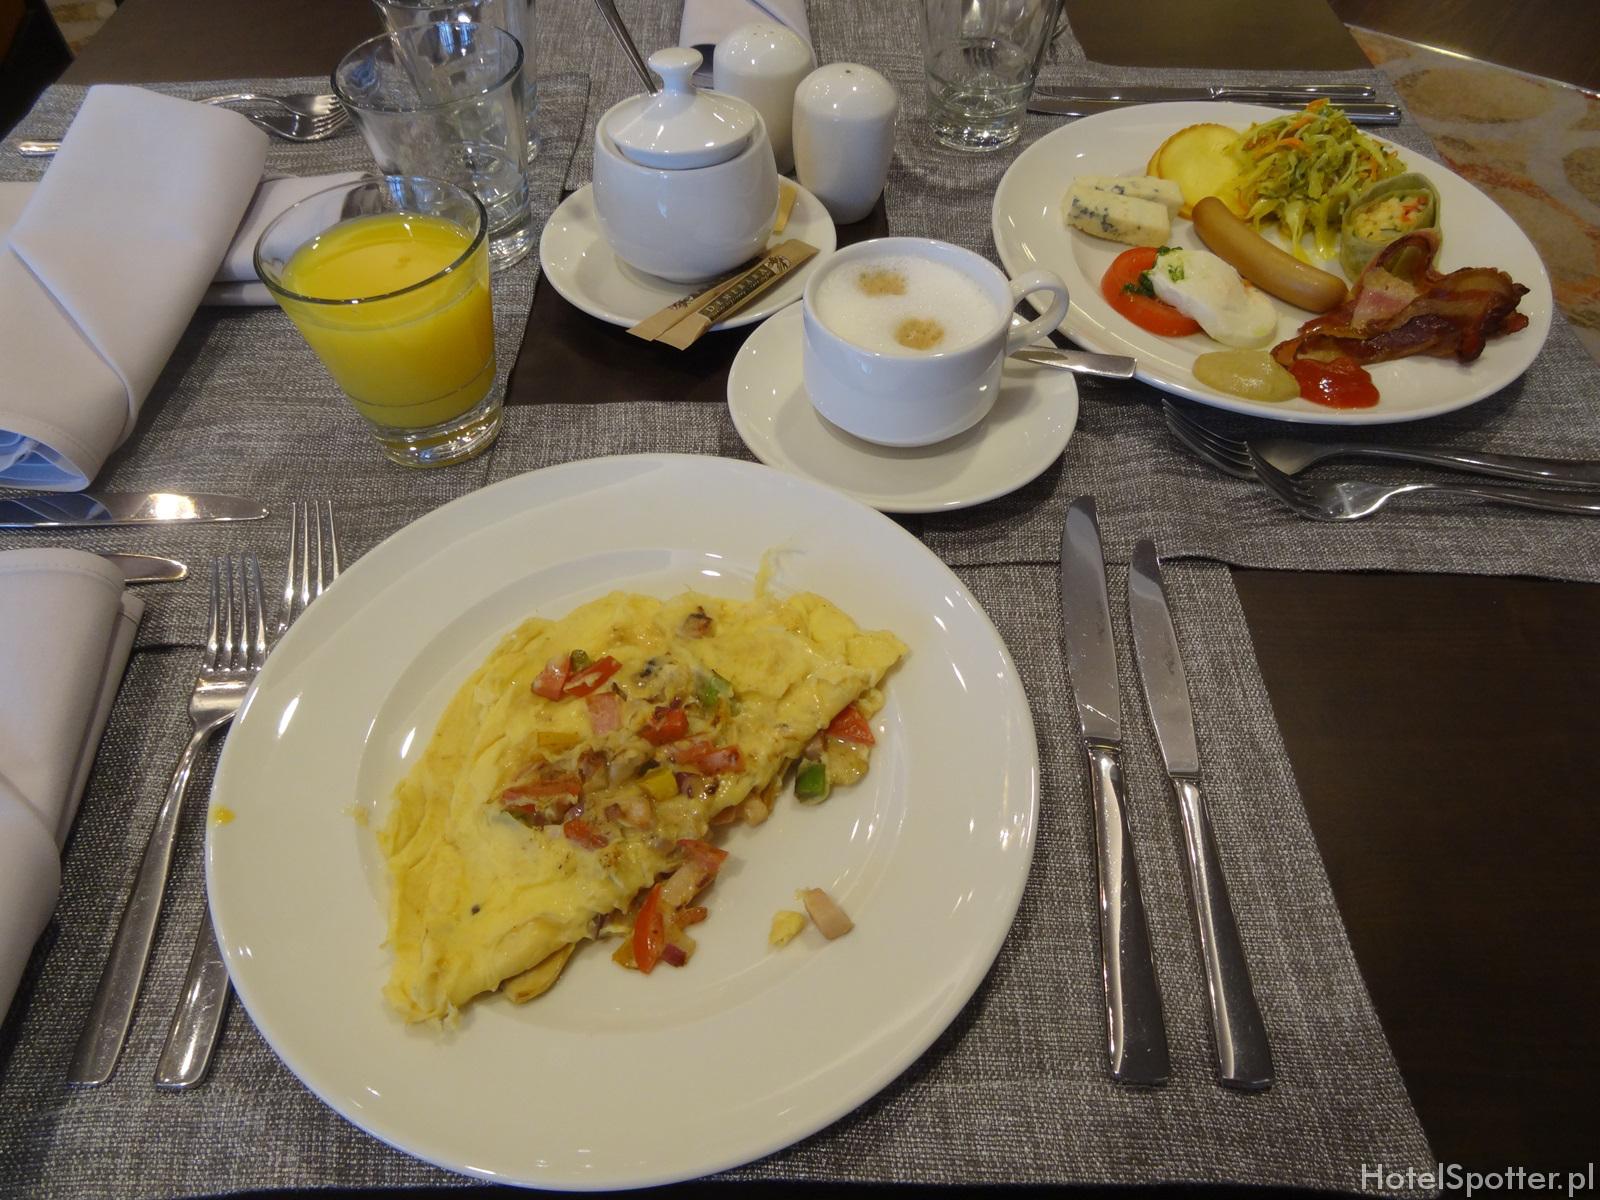 DoubleTree by Hilton Warsaw - omlet na sniadanie